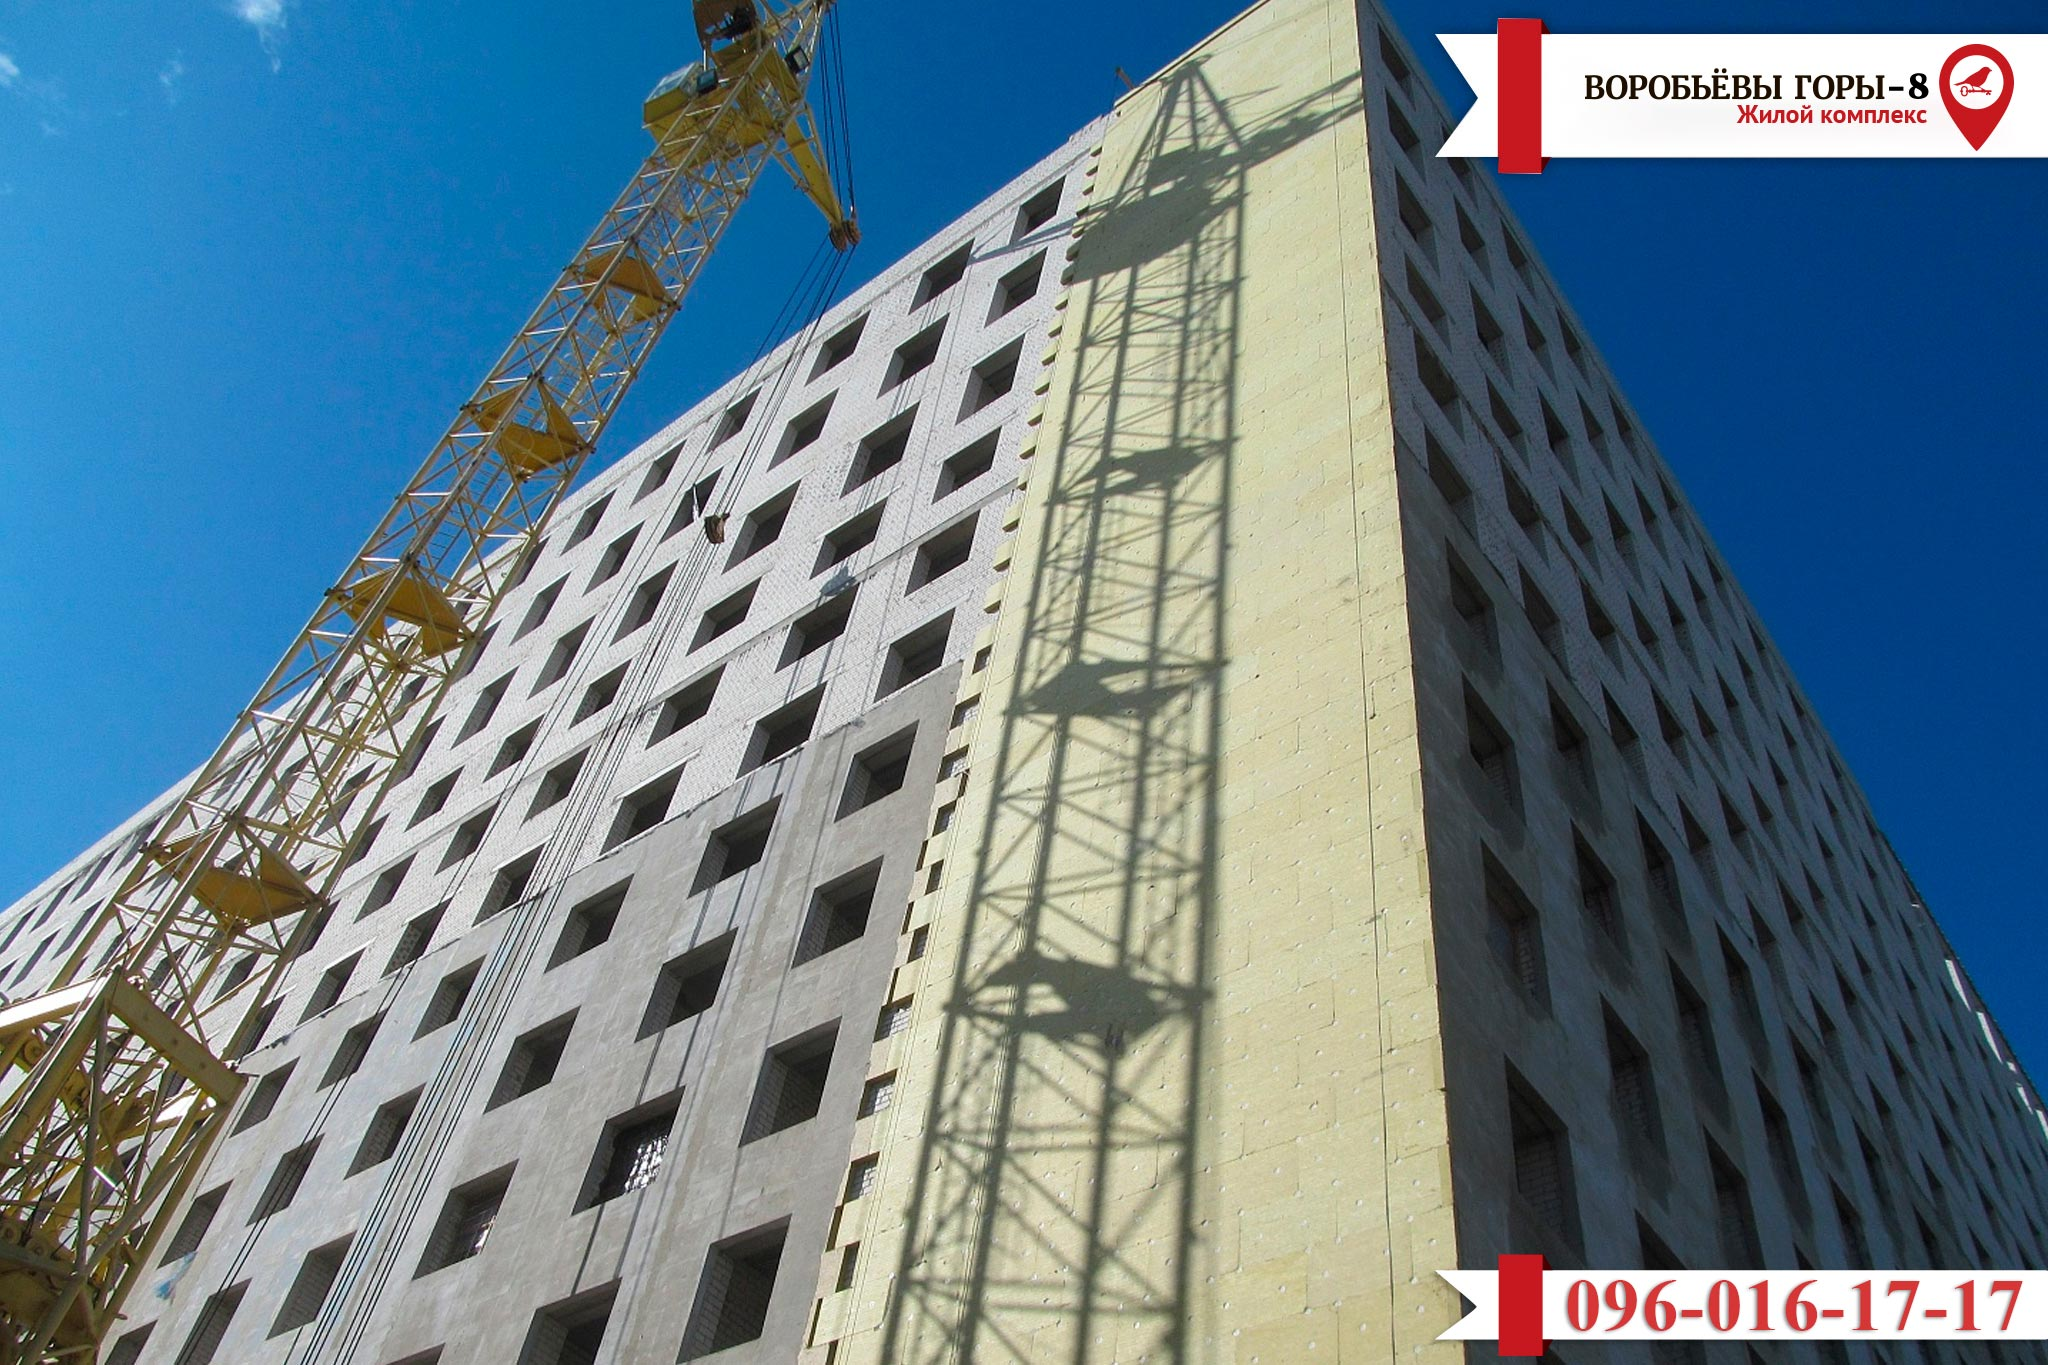 Строительство жилого комплекса «Воробьевы Горы-8» идет по плану